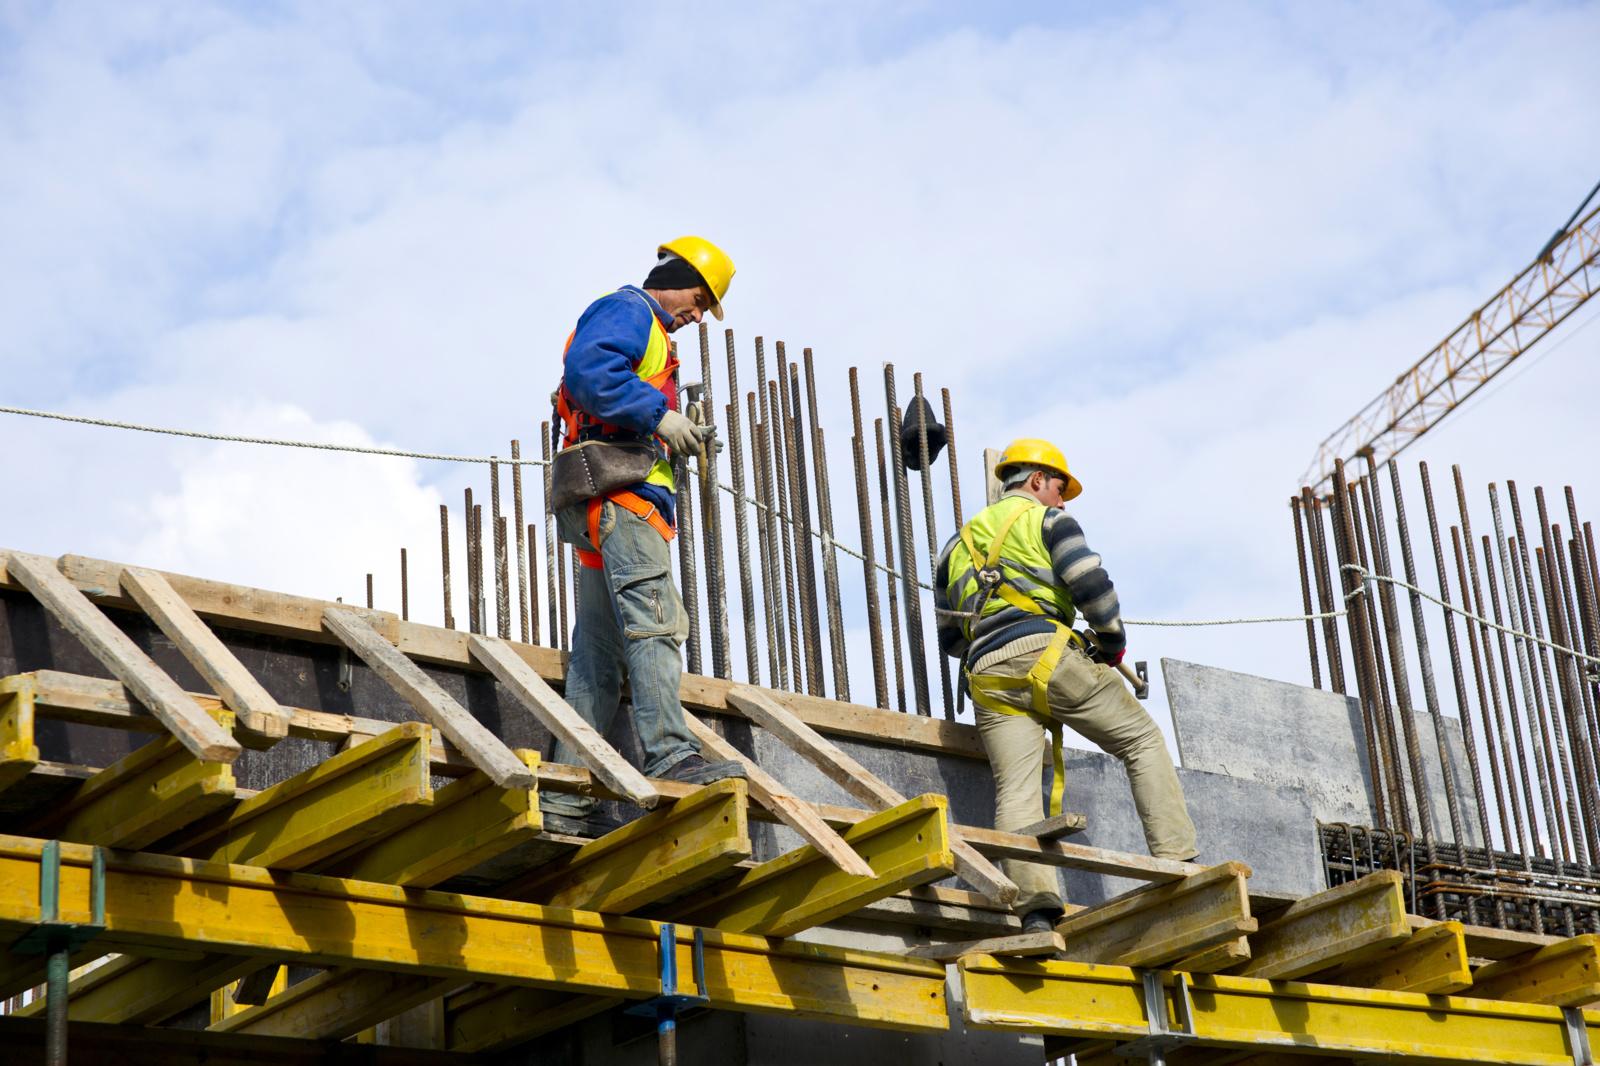 Statybų sektorius – ant pokyčių slenksčio: kas keičia ir keis šį sektorių?